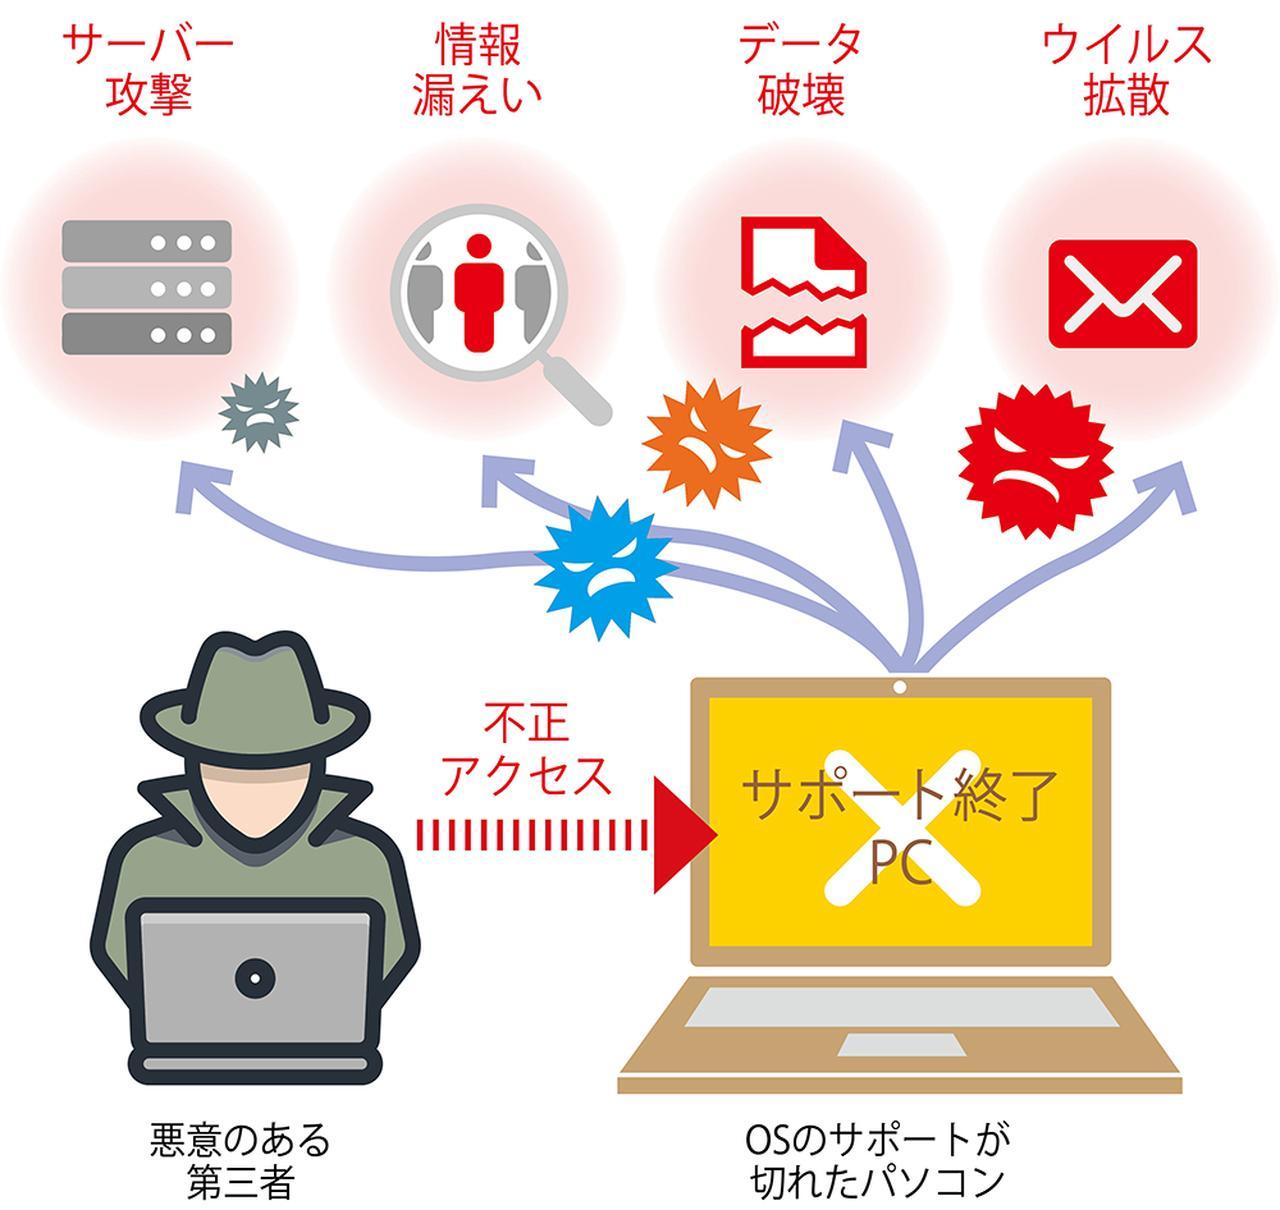 画像: サポート切れのOSはサイバー攻撃の格好の標的と化す。使用しないのがベストだが、最低限でもインターネットにはつながないように注意すること。